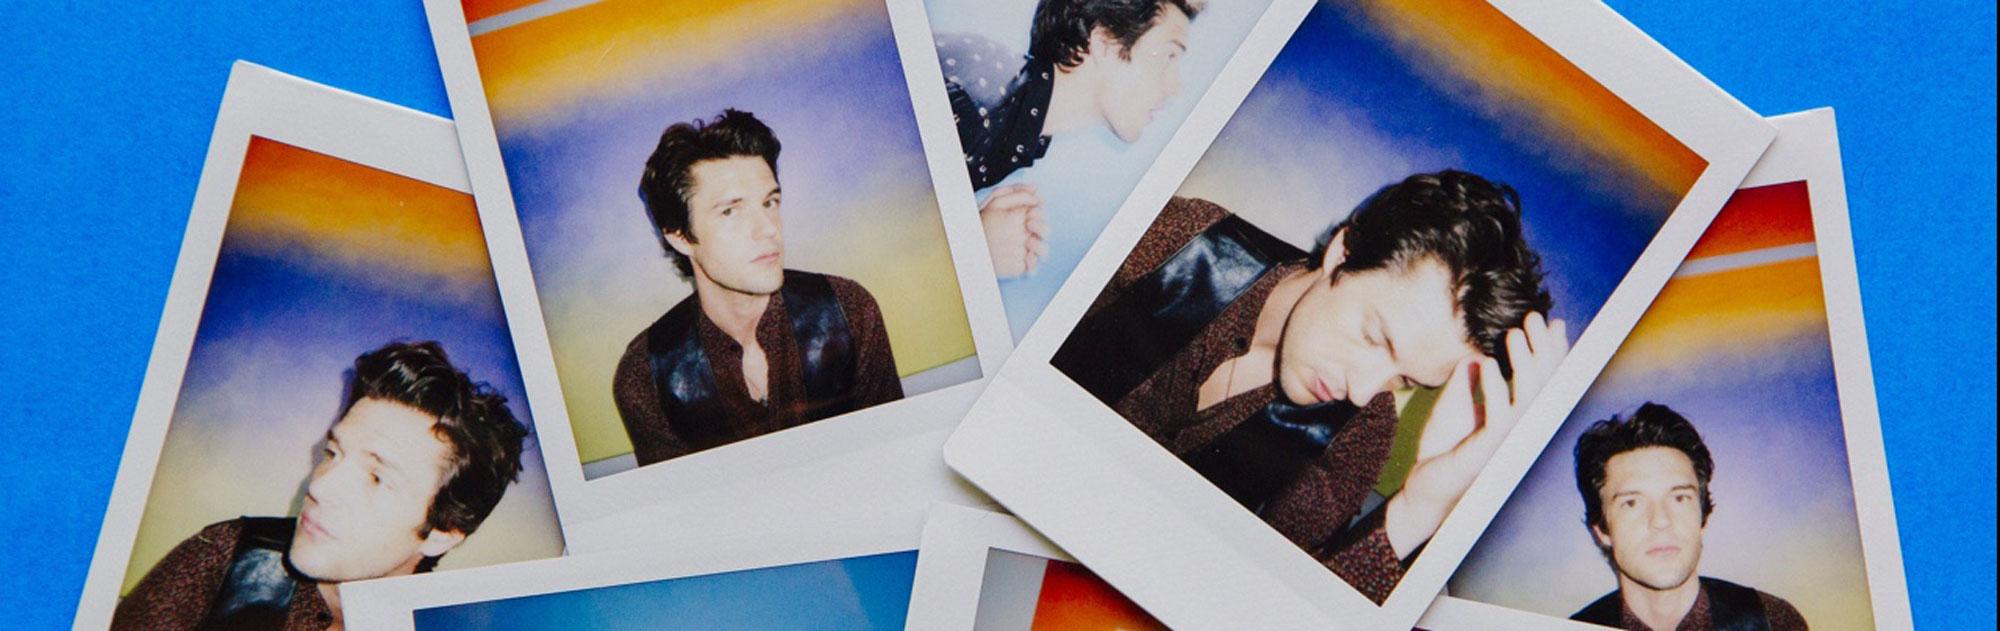 Intervista a Brandon Flowers: lo stalking a Morrissey, il suo nuovo album solista e il futuro dei Killers